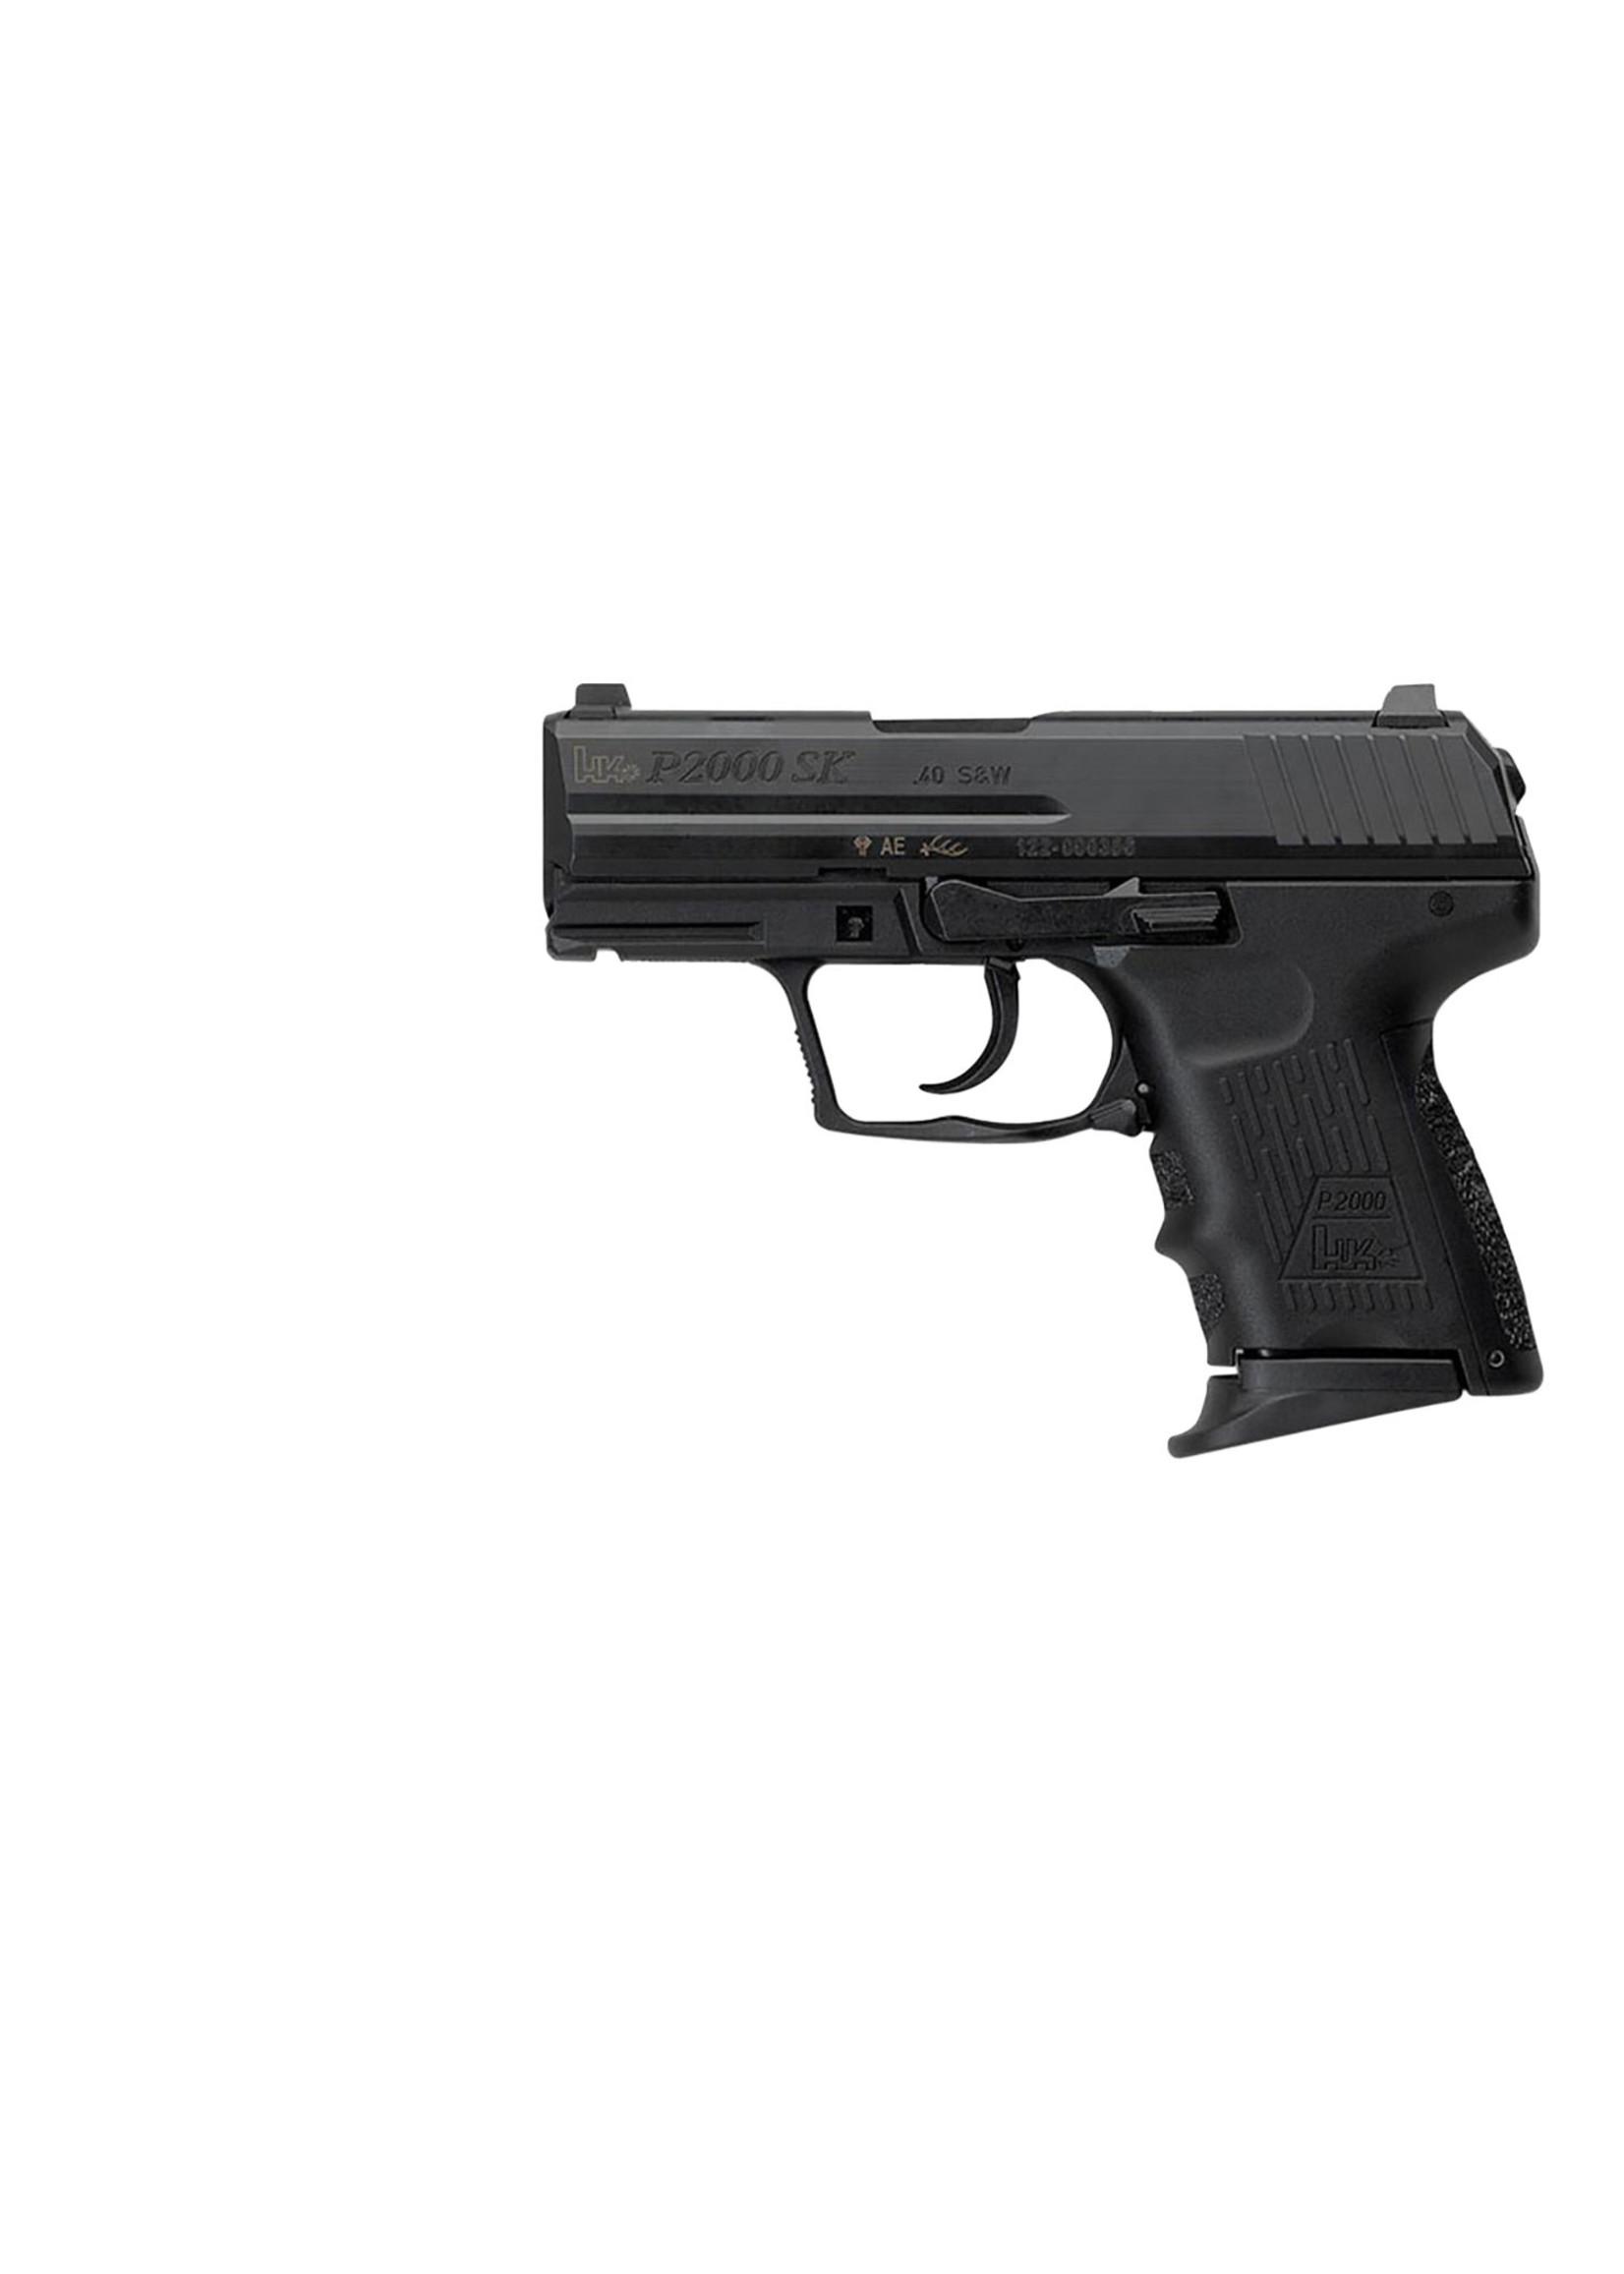 Heckler and Koch (HK) Heckler & Koch P2000 SK V2  DAO 9mm 10+1, 2 Mags